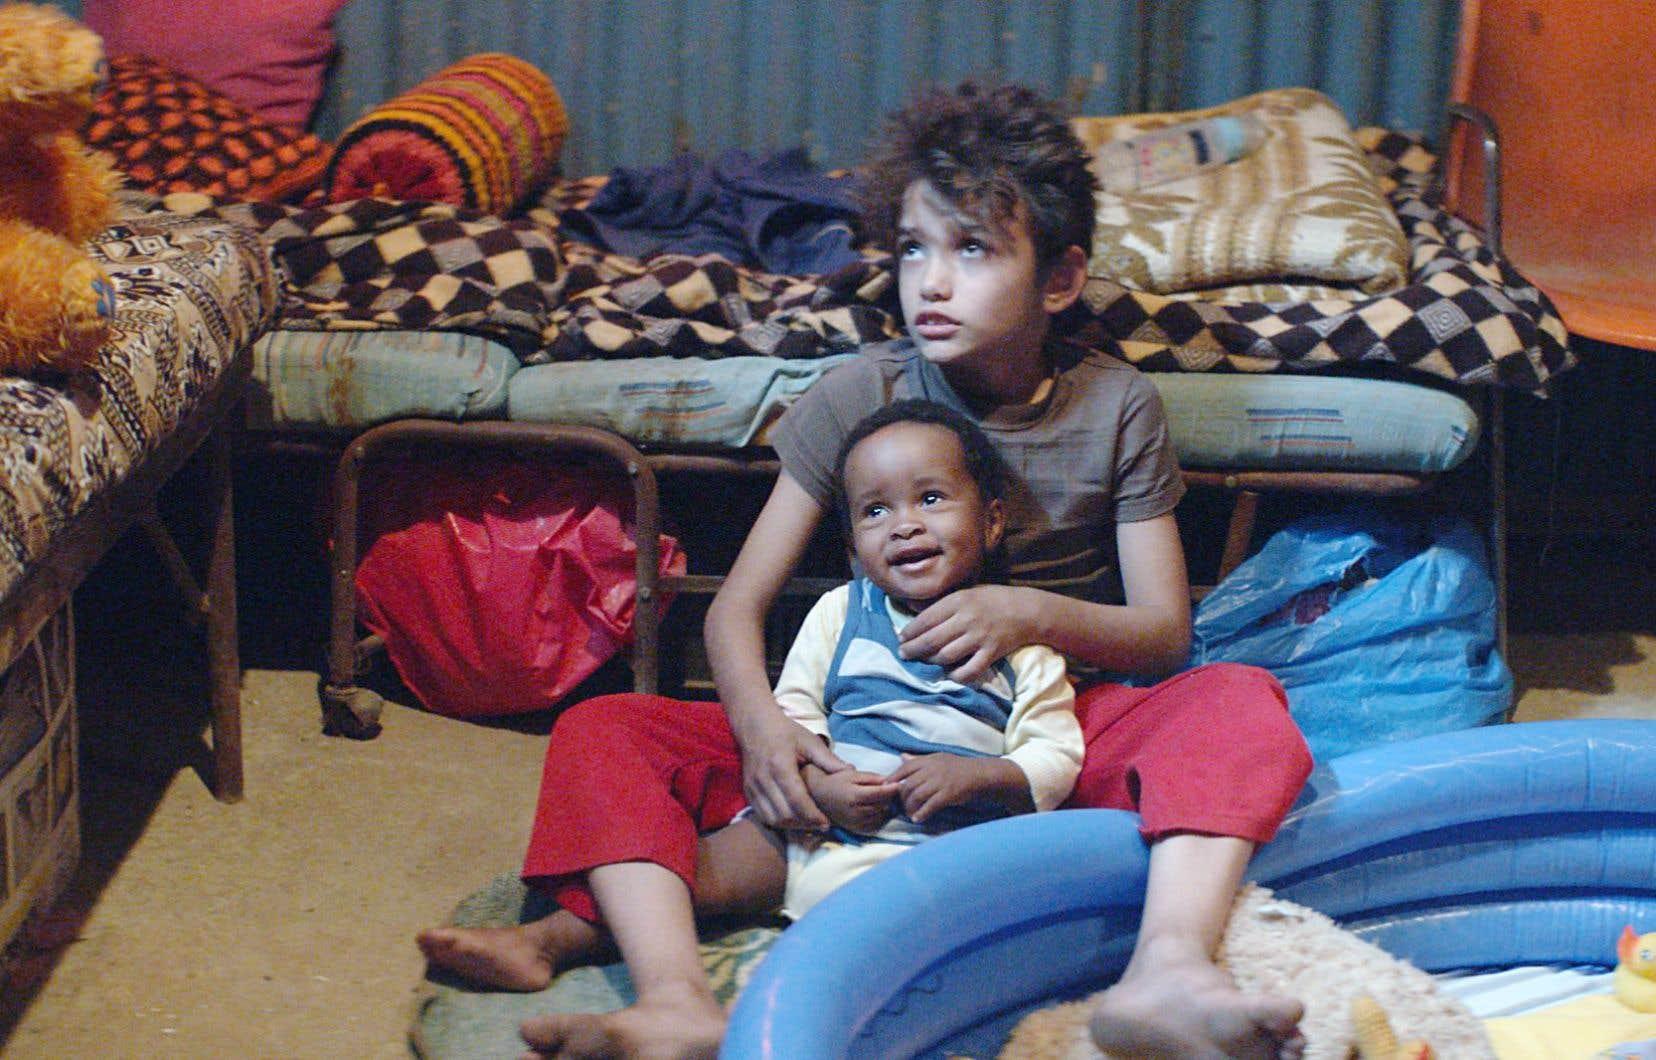 Pilier du film «Capharnaüm», le petit réfugié syrien Zain s'occupe de Yonas, un bébé temporairement abandonné par sa mère. La question de l'enfance maltraitée et qui n'a pas demandé à naître loge au cœur du propos.